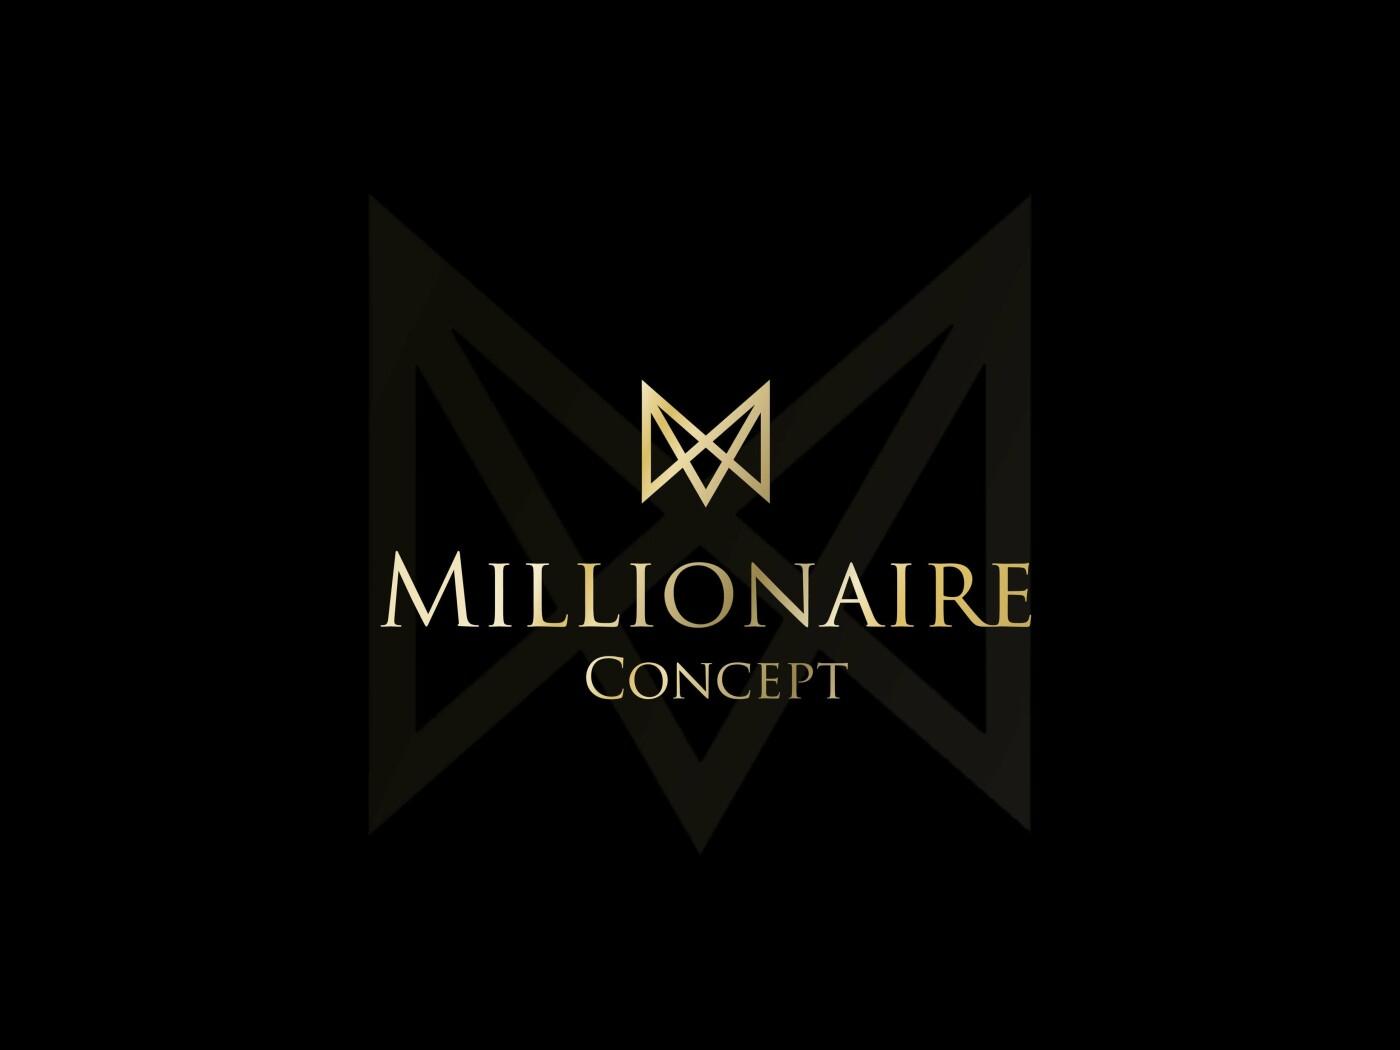 """""""Millionaire Concept""""in Bakıdan sonra ikinci qalası Londonda keçirələcək - FOTO, fotoşəkil-21"""